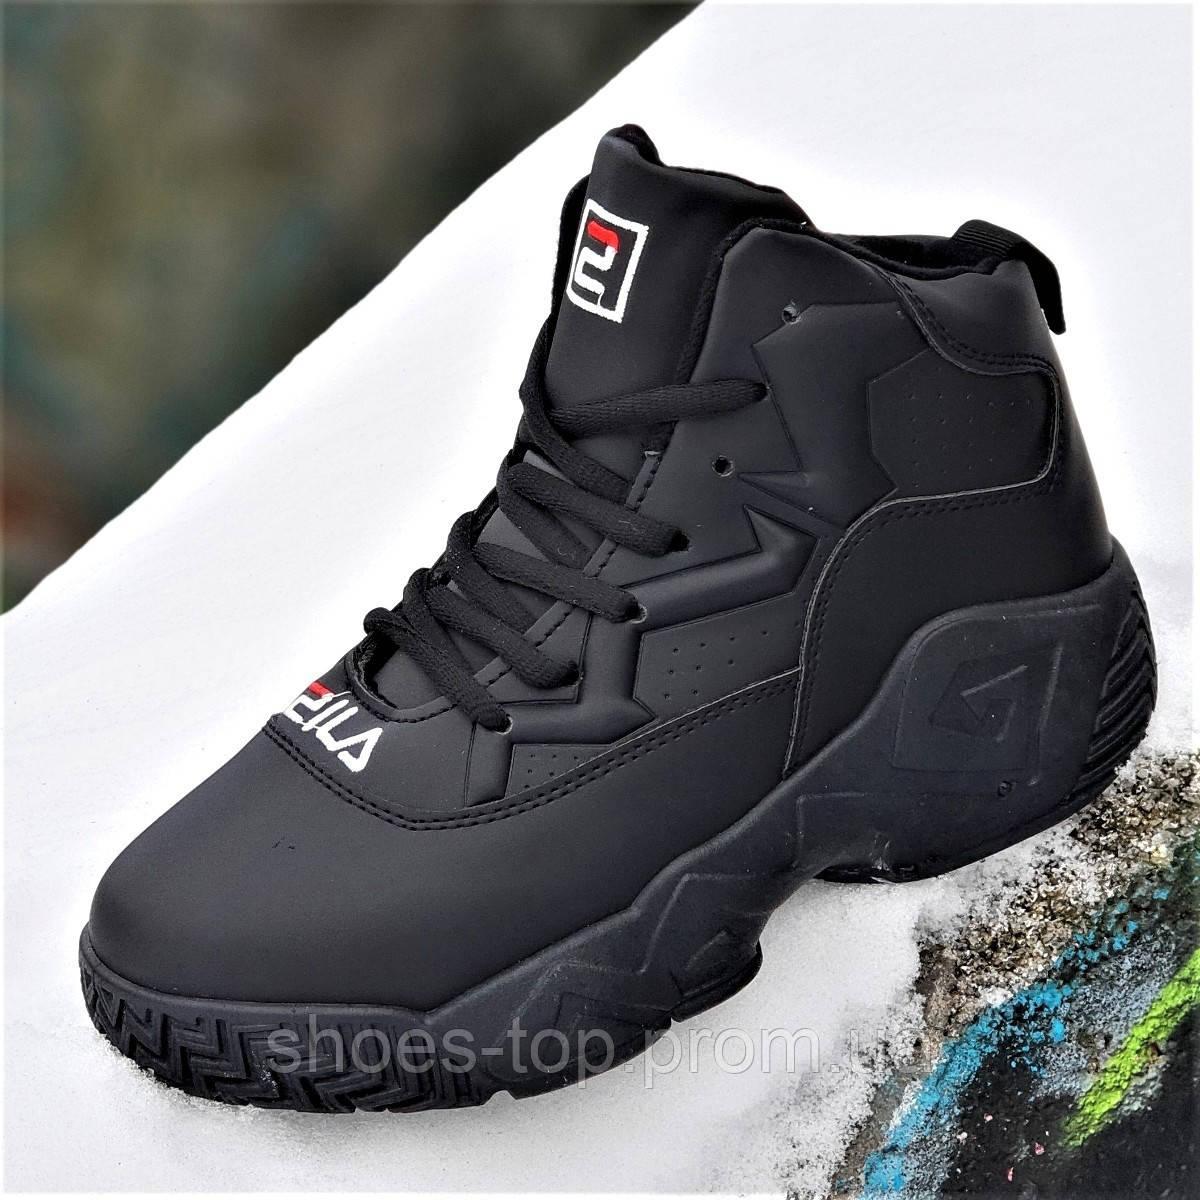 2a6fbac5 Улетные зимние кроссовки на платформе в стиле FILA черные на высокой  толстой подошве унисекс (Код